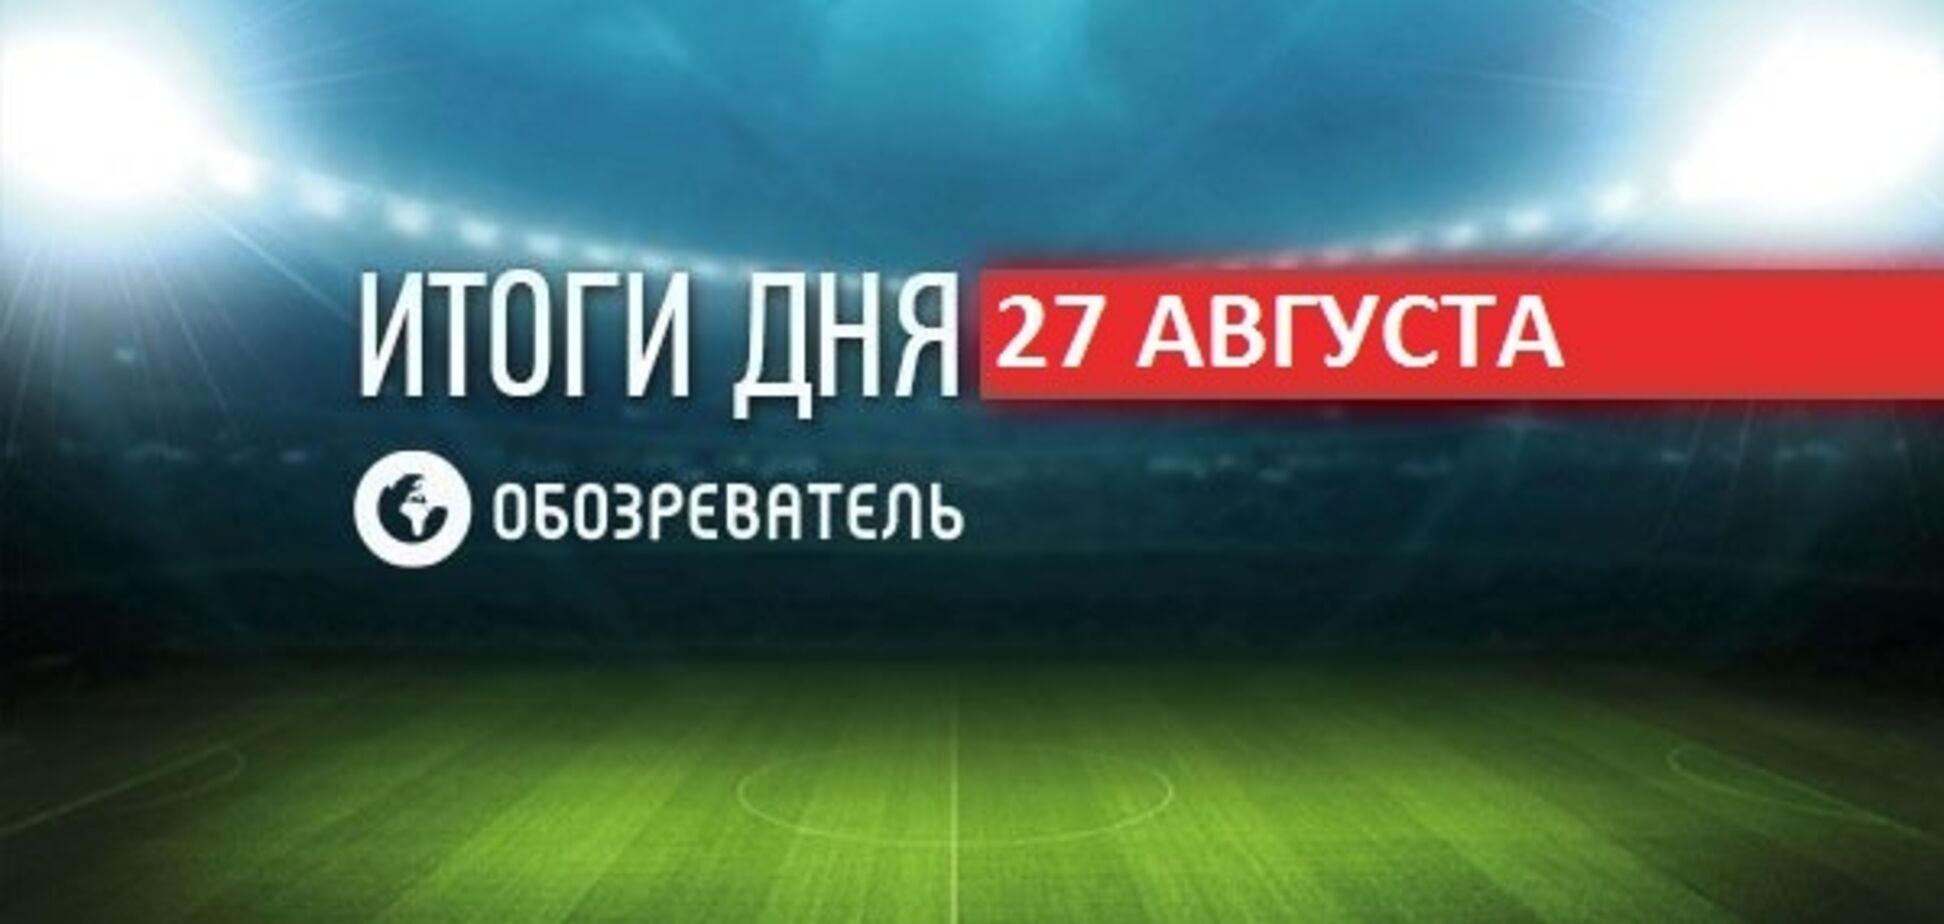 Поліцейські в РФ зґвалтували спортсменку: спортивні підсумки 27 серпня